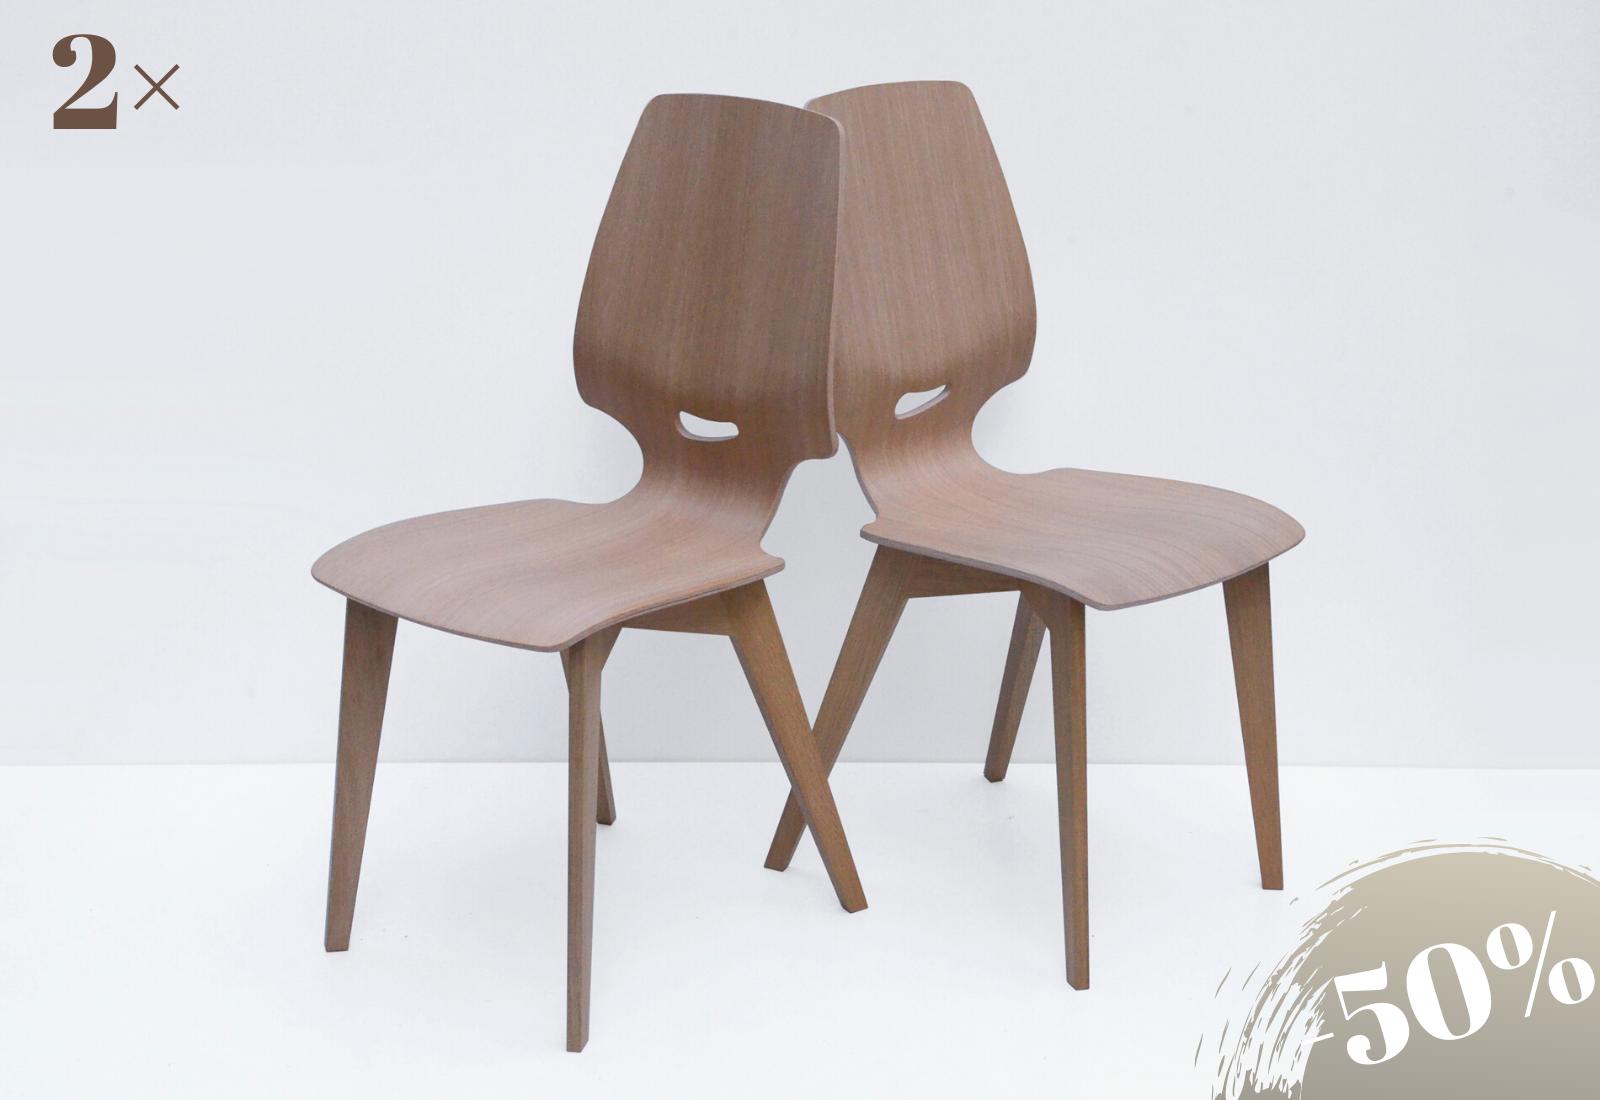 2× FINN chair oak white oiled